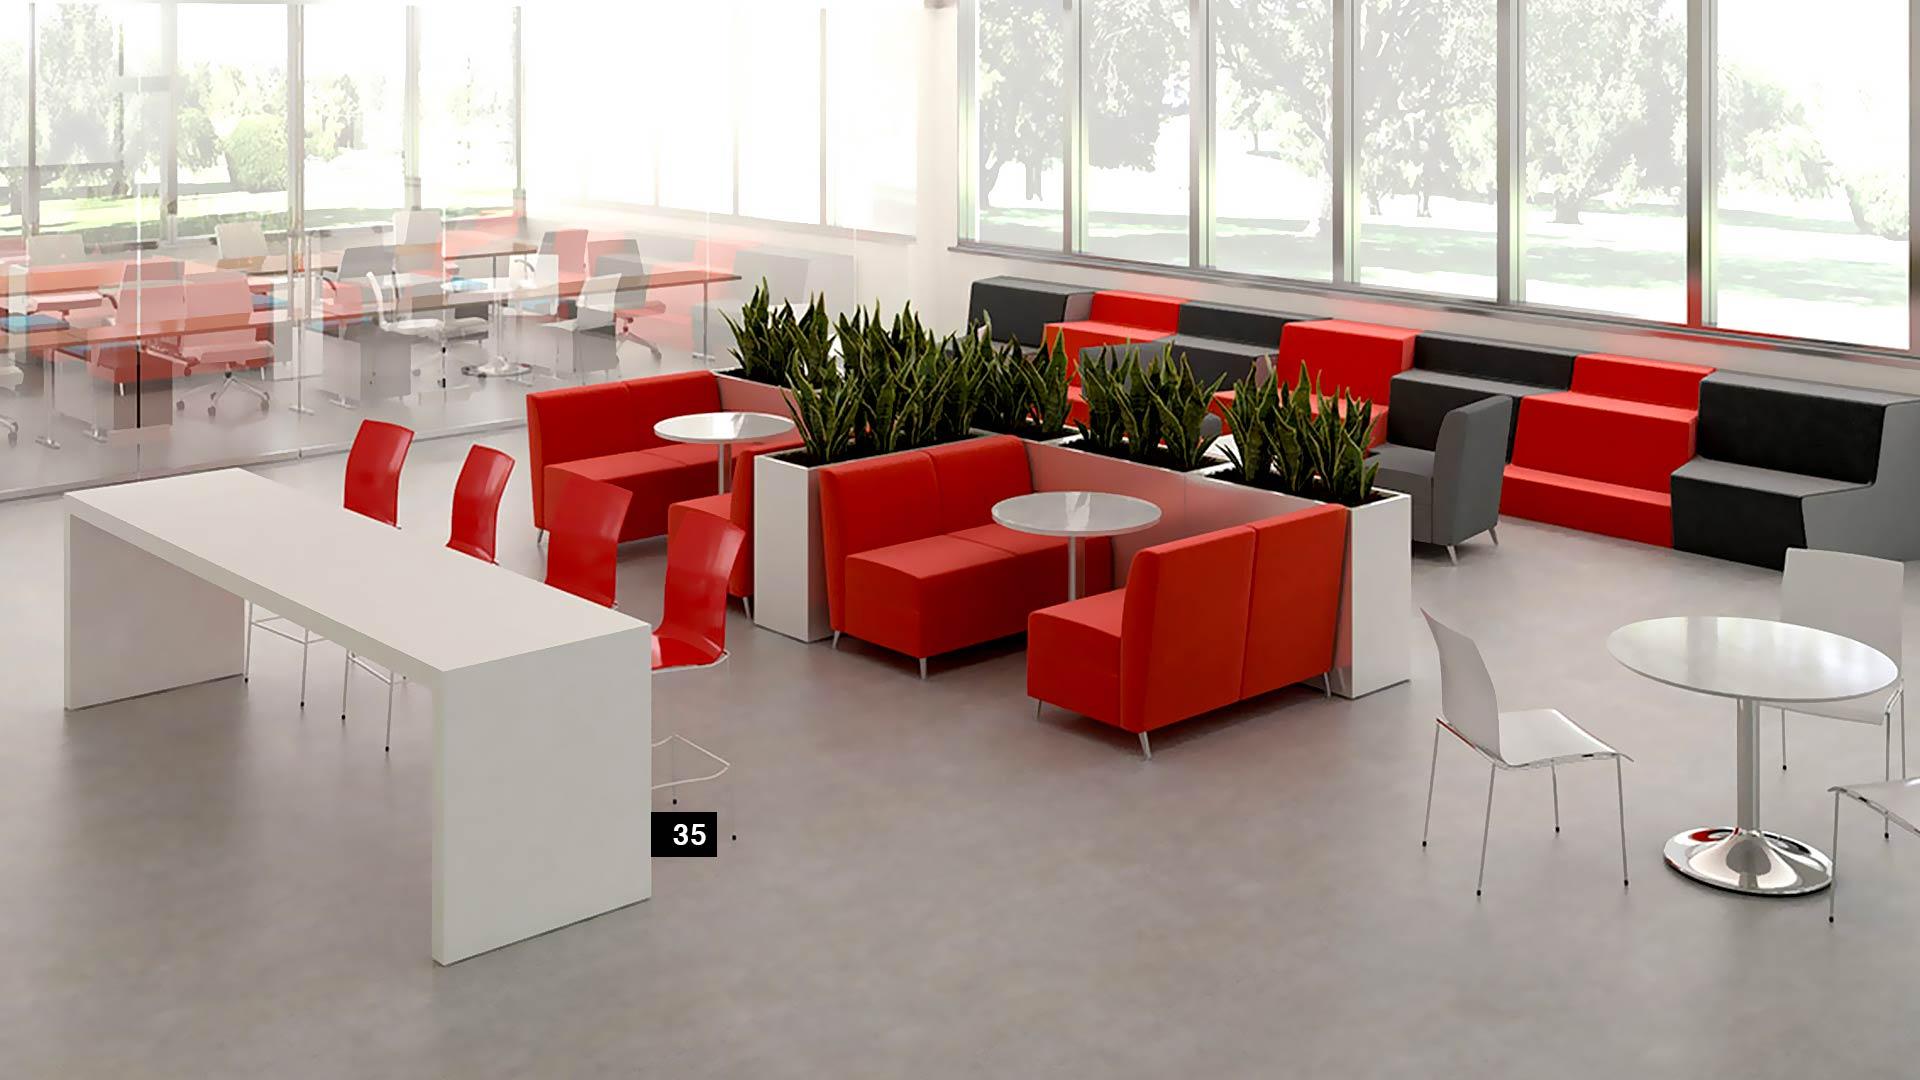 modern-breakroom-furniture-nevins-red-gray-breakroom